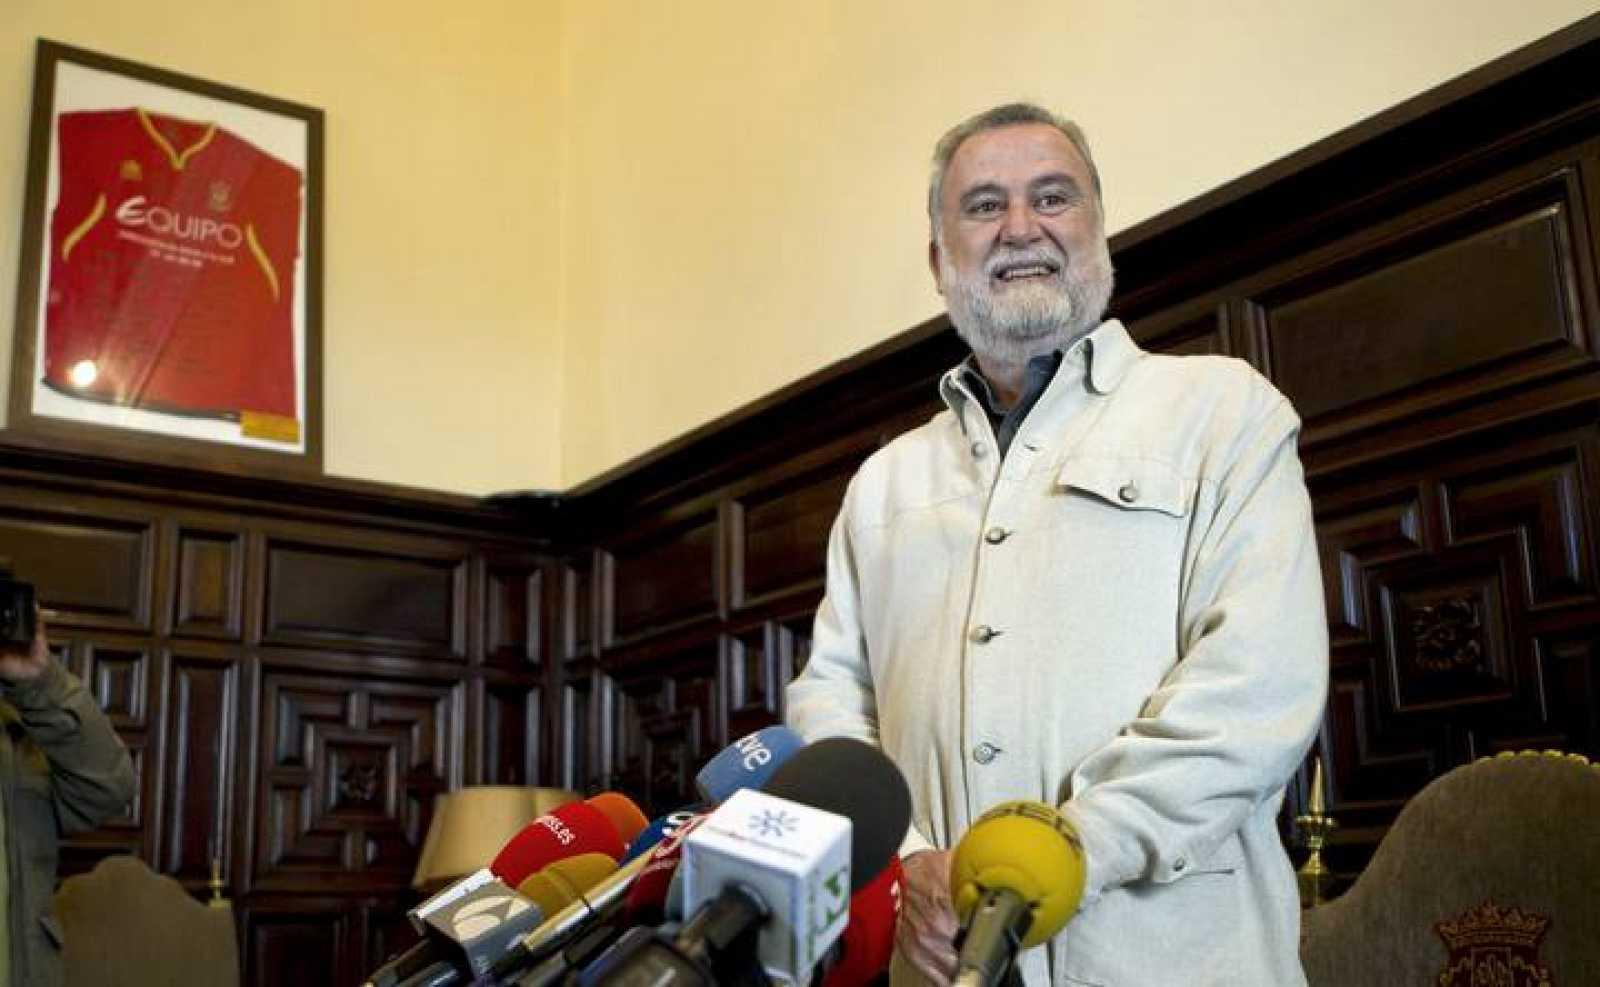 TORRIJOS RECHAZA DIMITIR Y MANTENDRÁ SU CANDIDATURA A LA ALCALDÍA